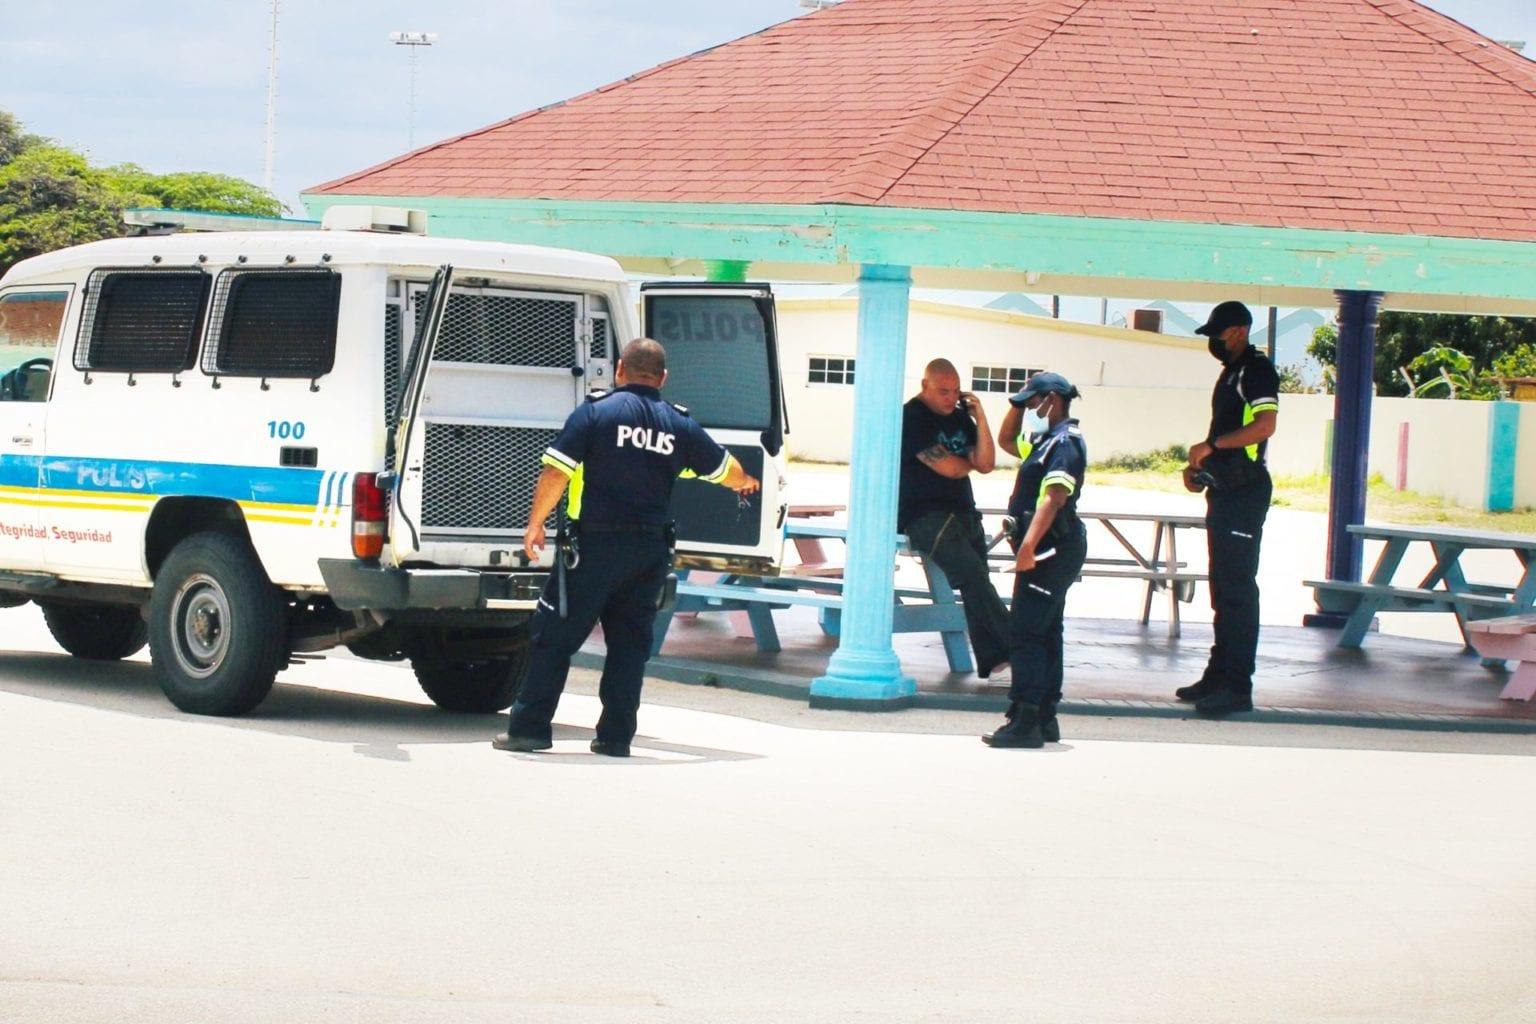 A bati alarma: Polis a detene tata burachi na scol